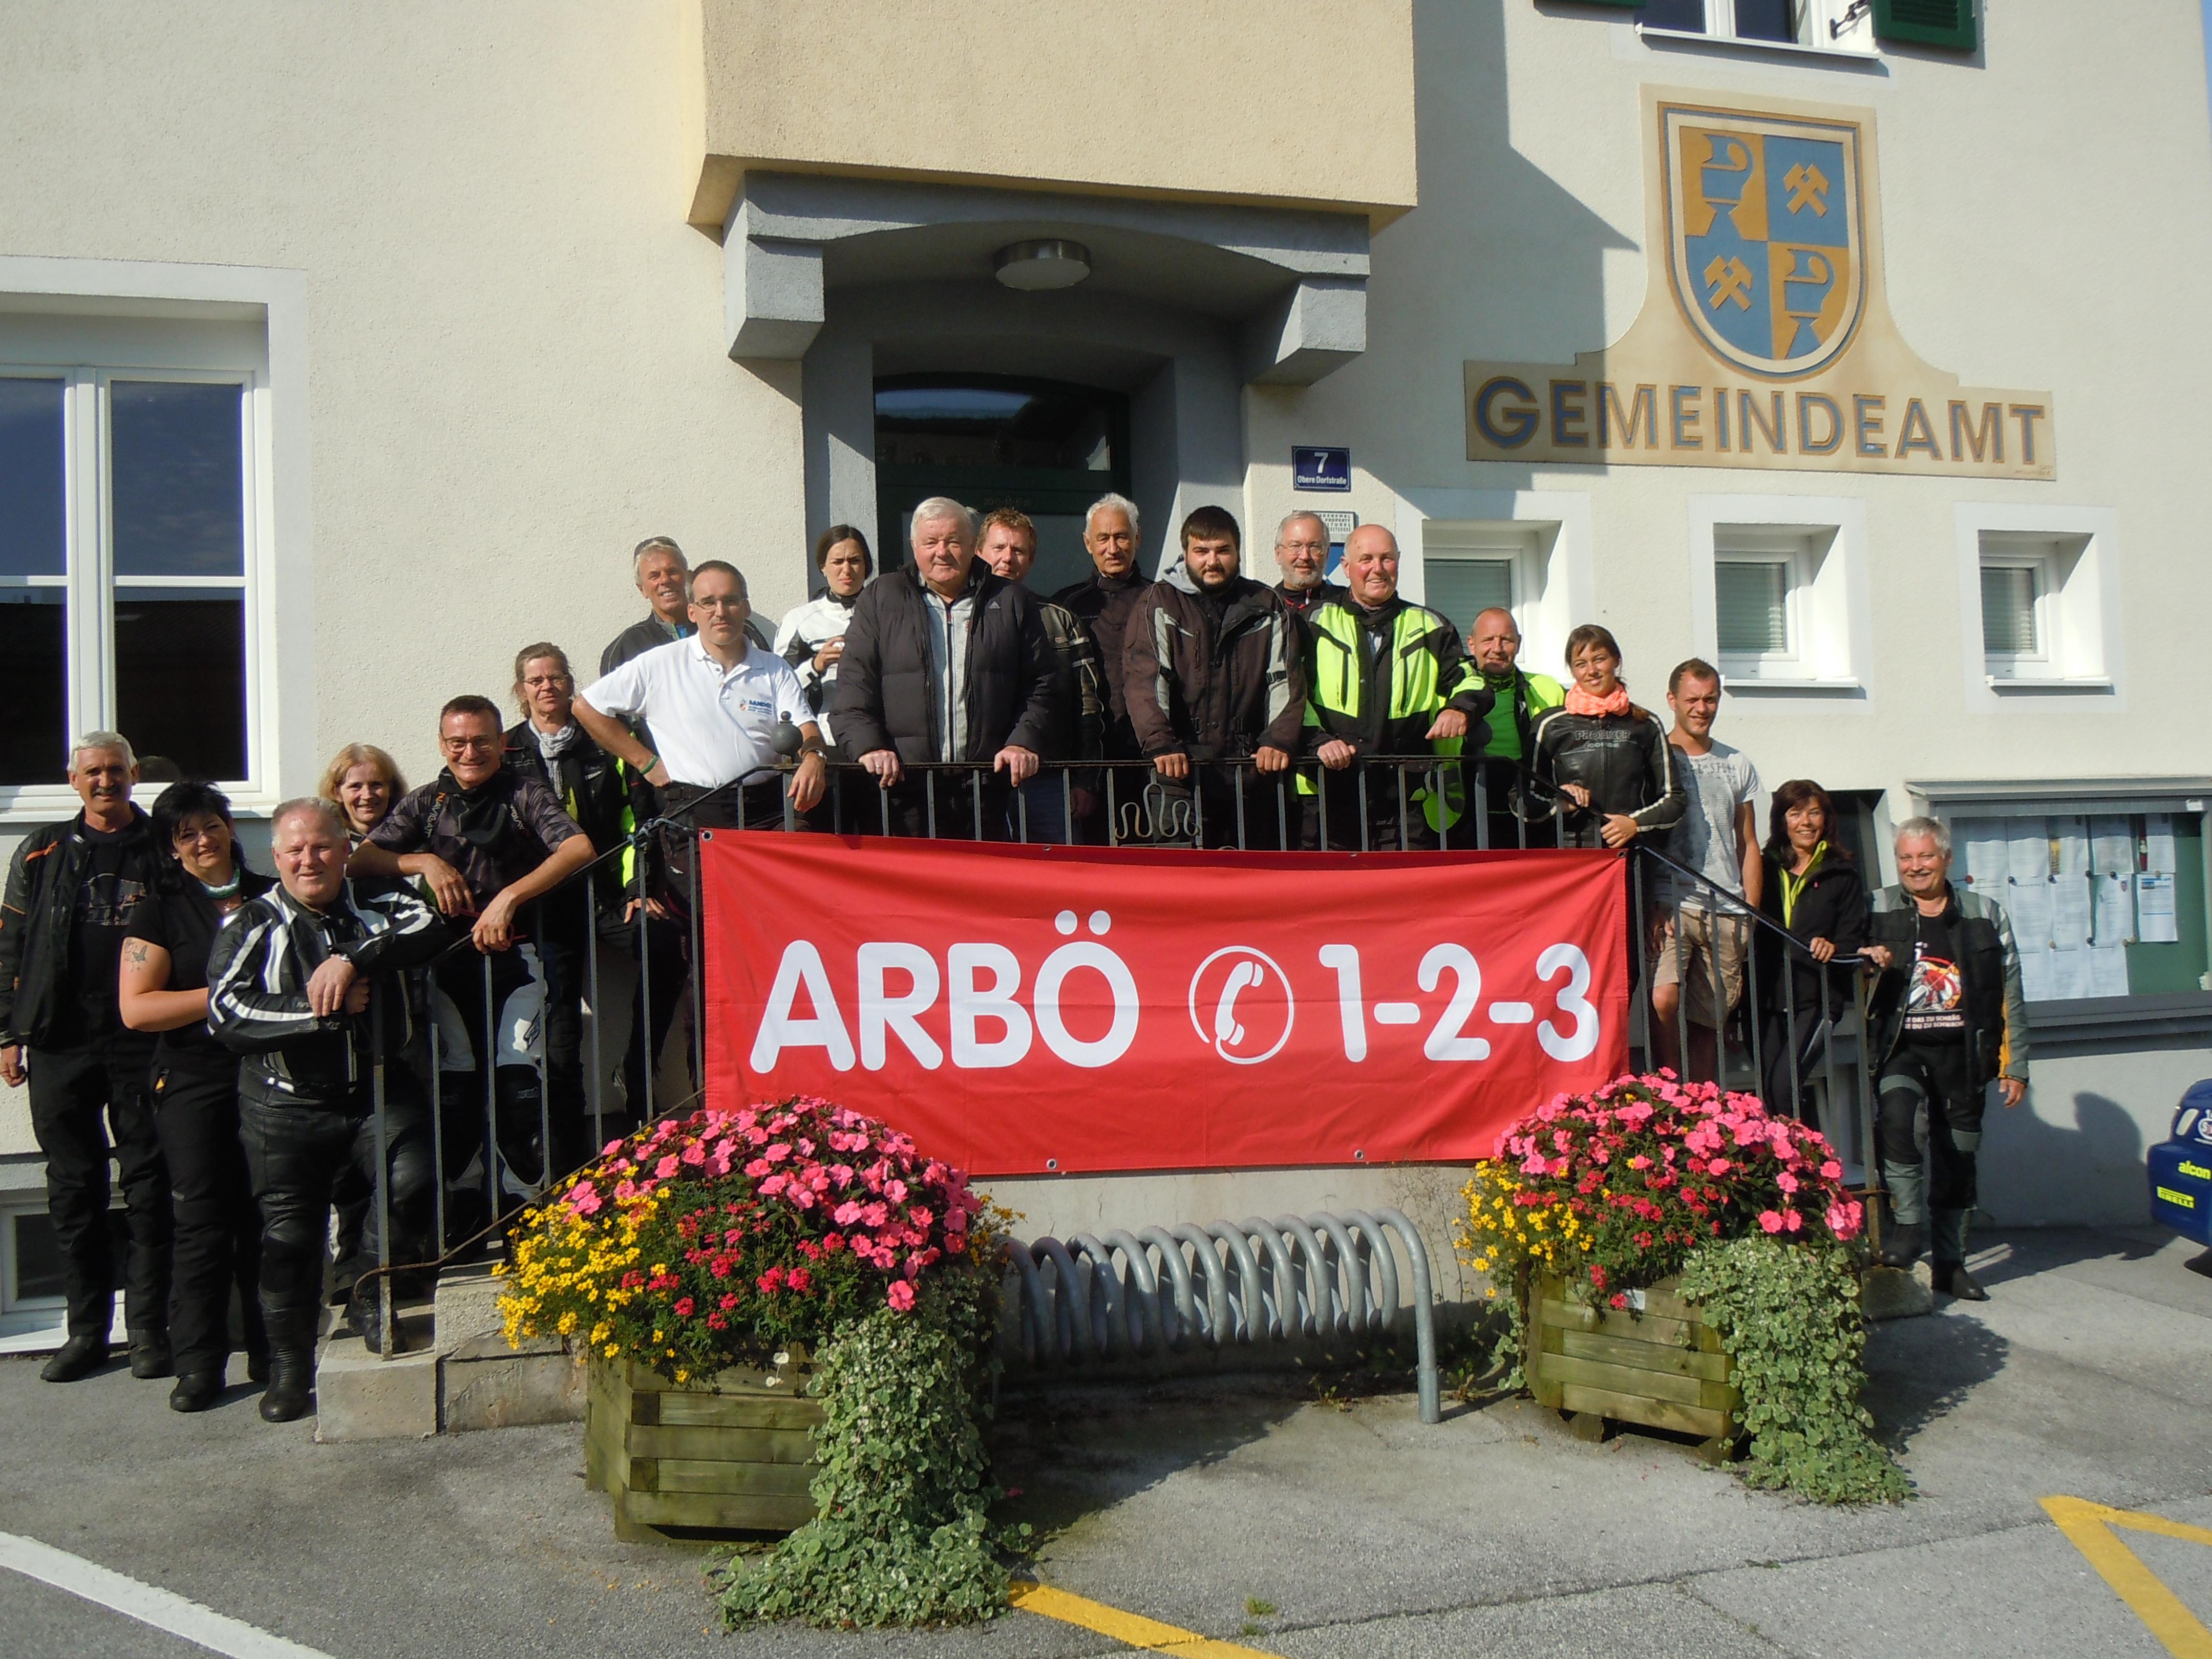 ARBÖ Herbstprogramm gestartet